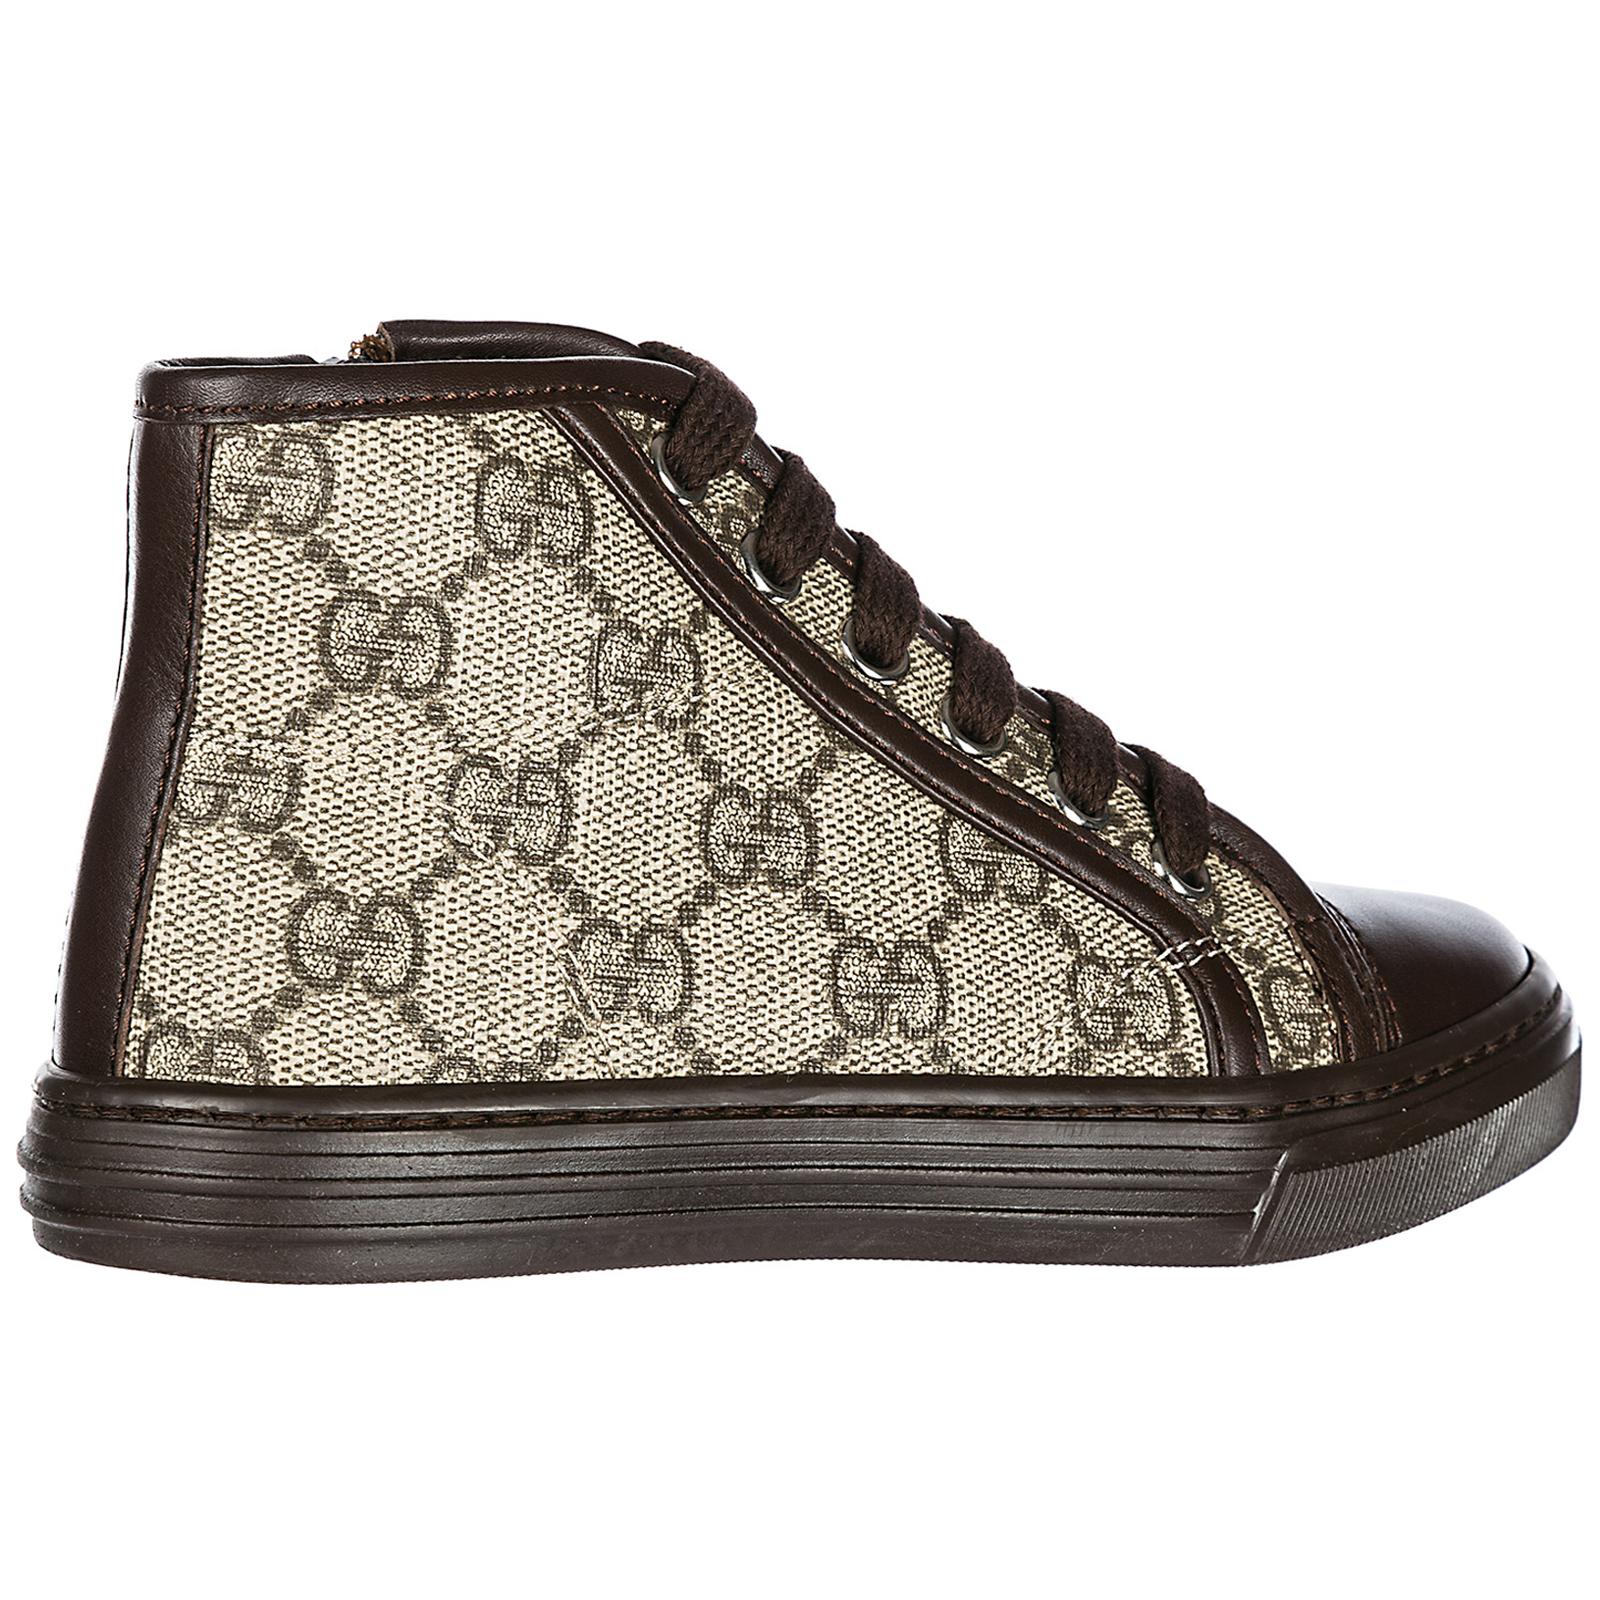 25ec9ed85c55 Sneakers alte Gucci 313057KLQ309799 beige ebony + cocoa